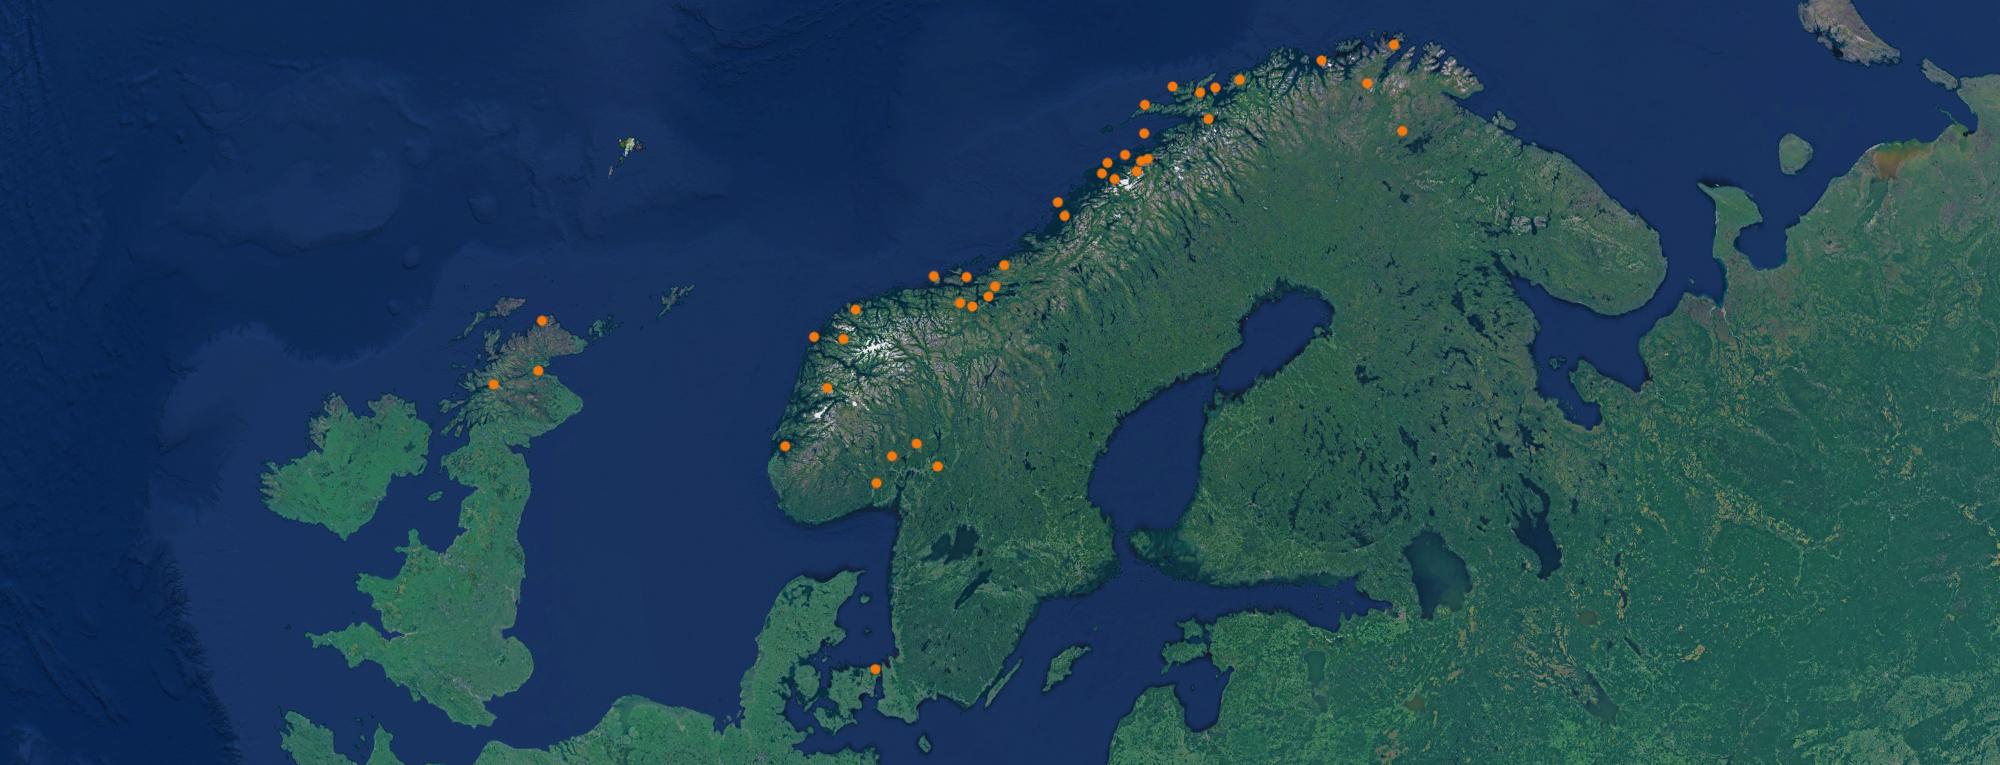 Newton_internasjonal_kart.jpg